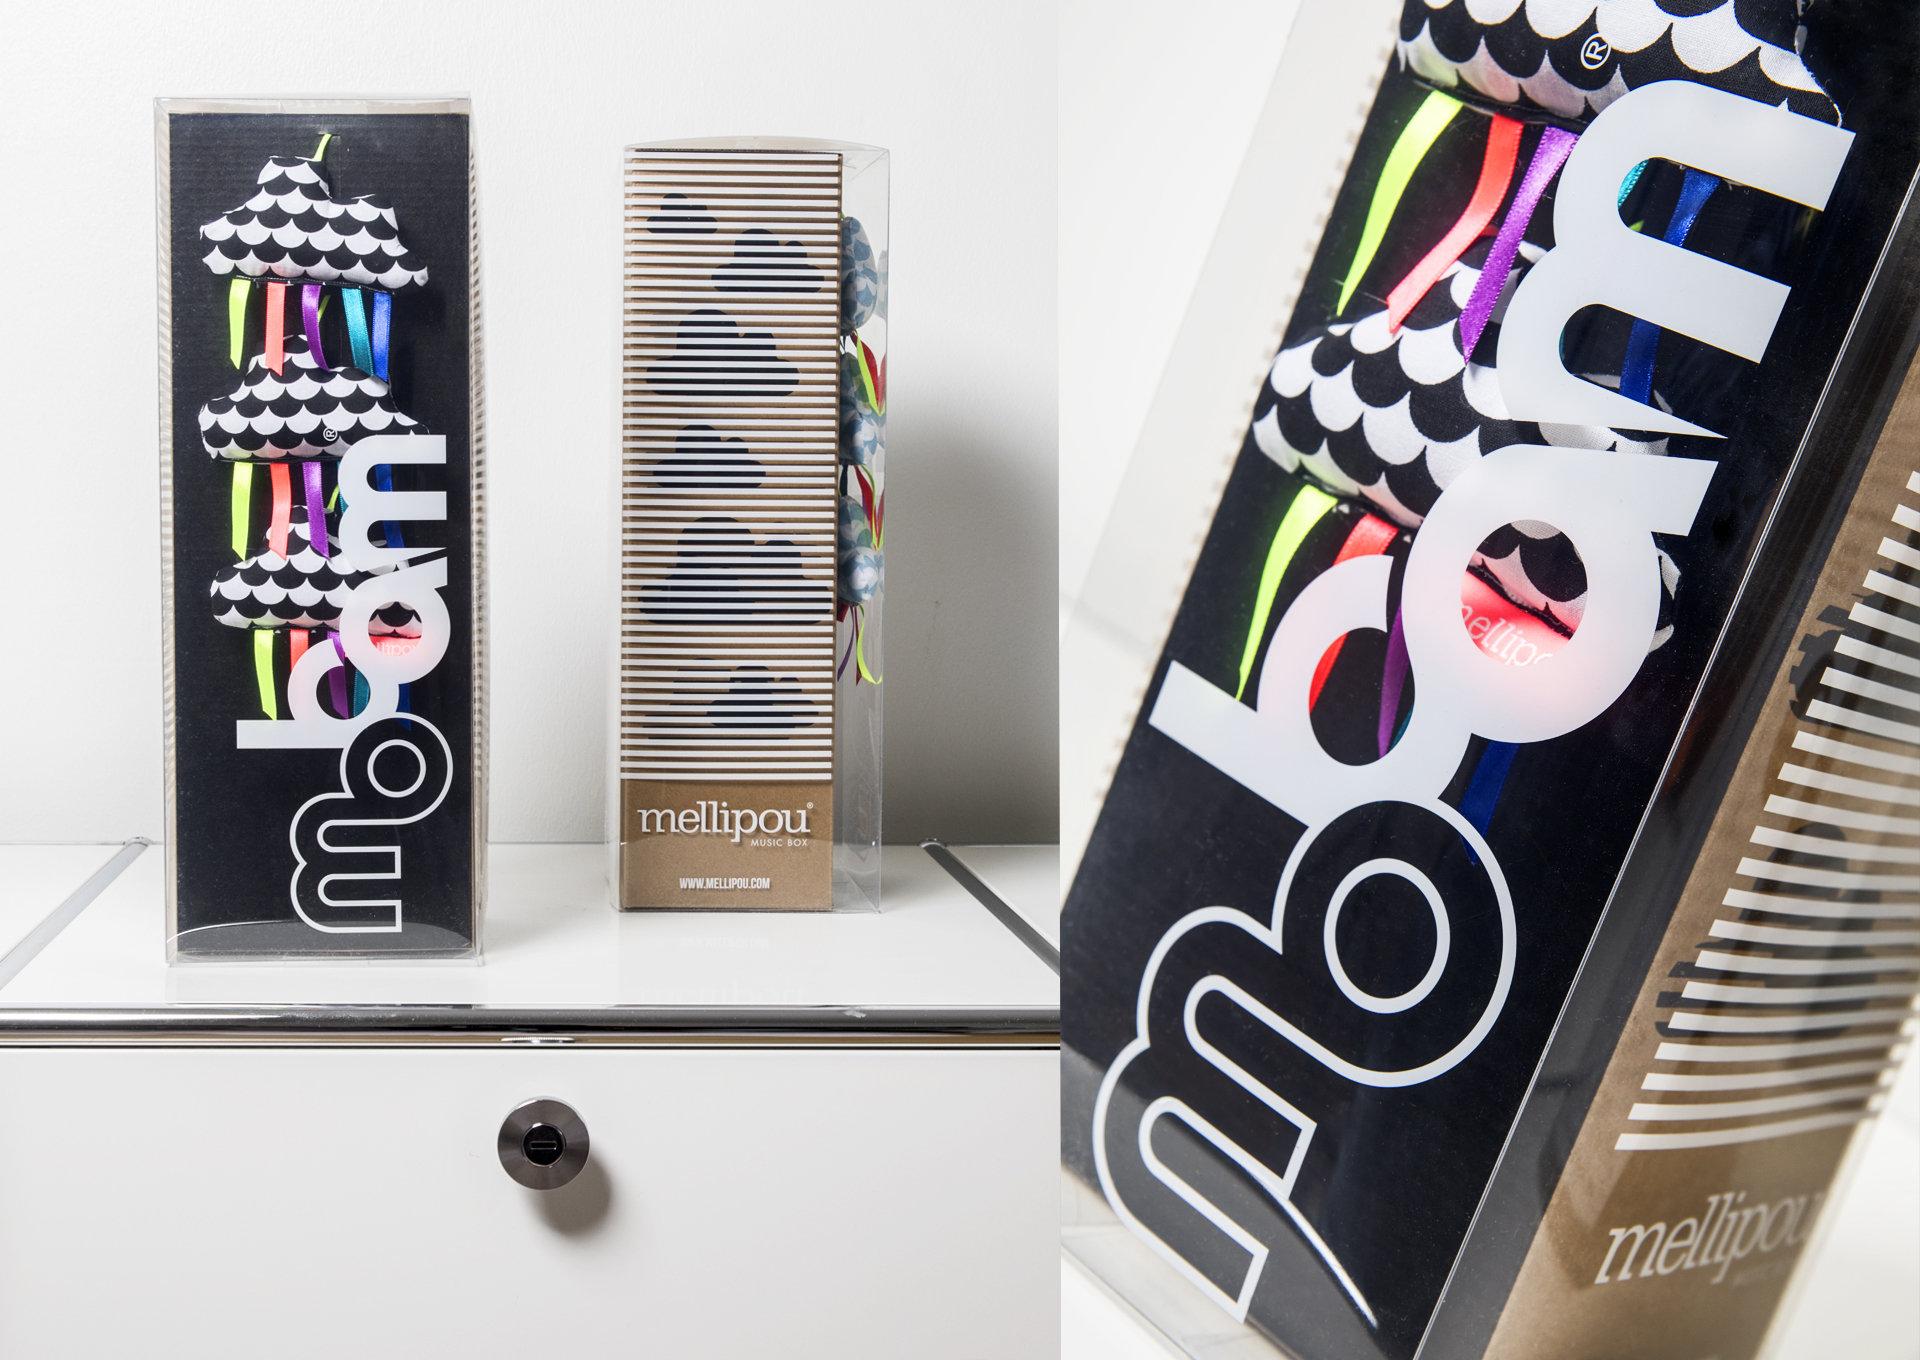 Mellipou – Mobam Atteret Design